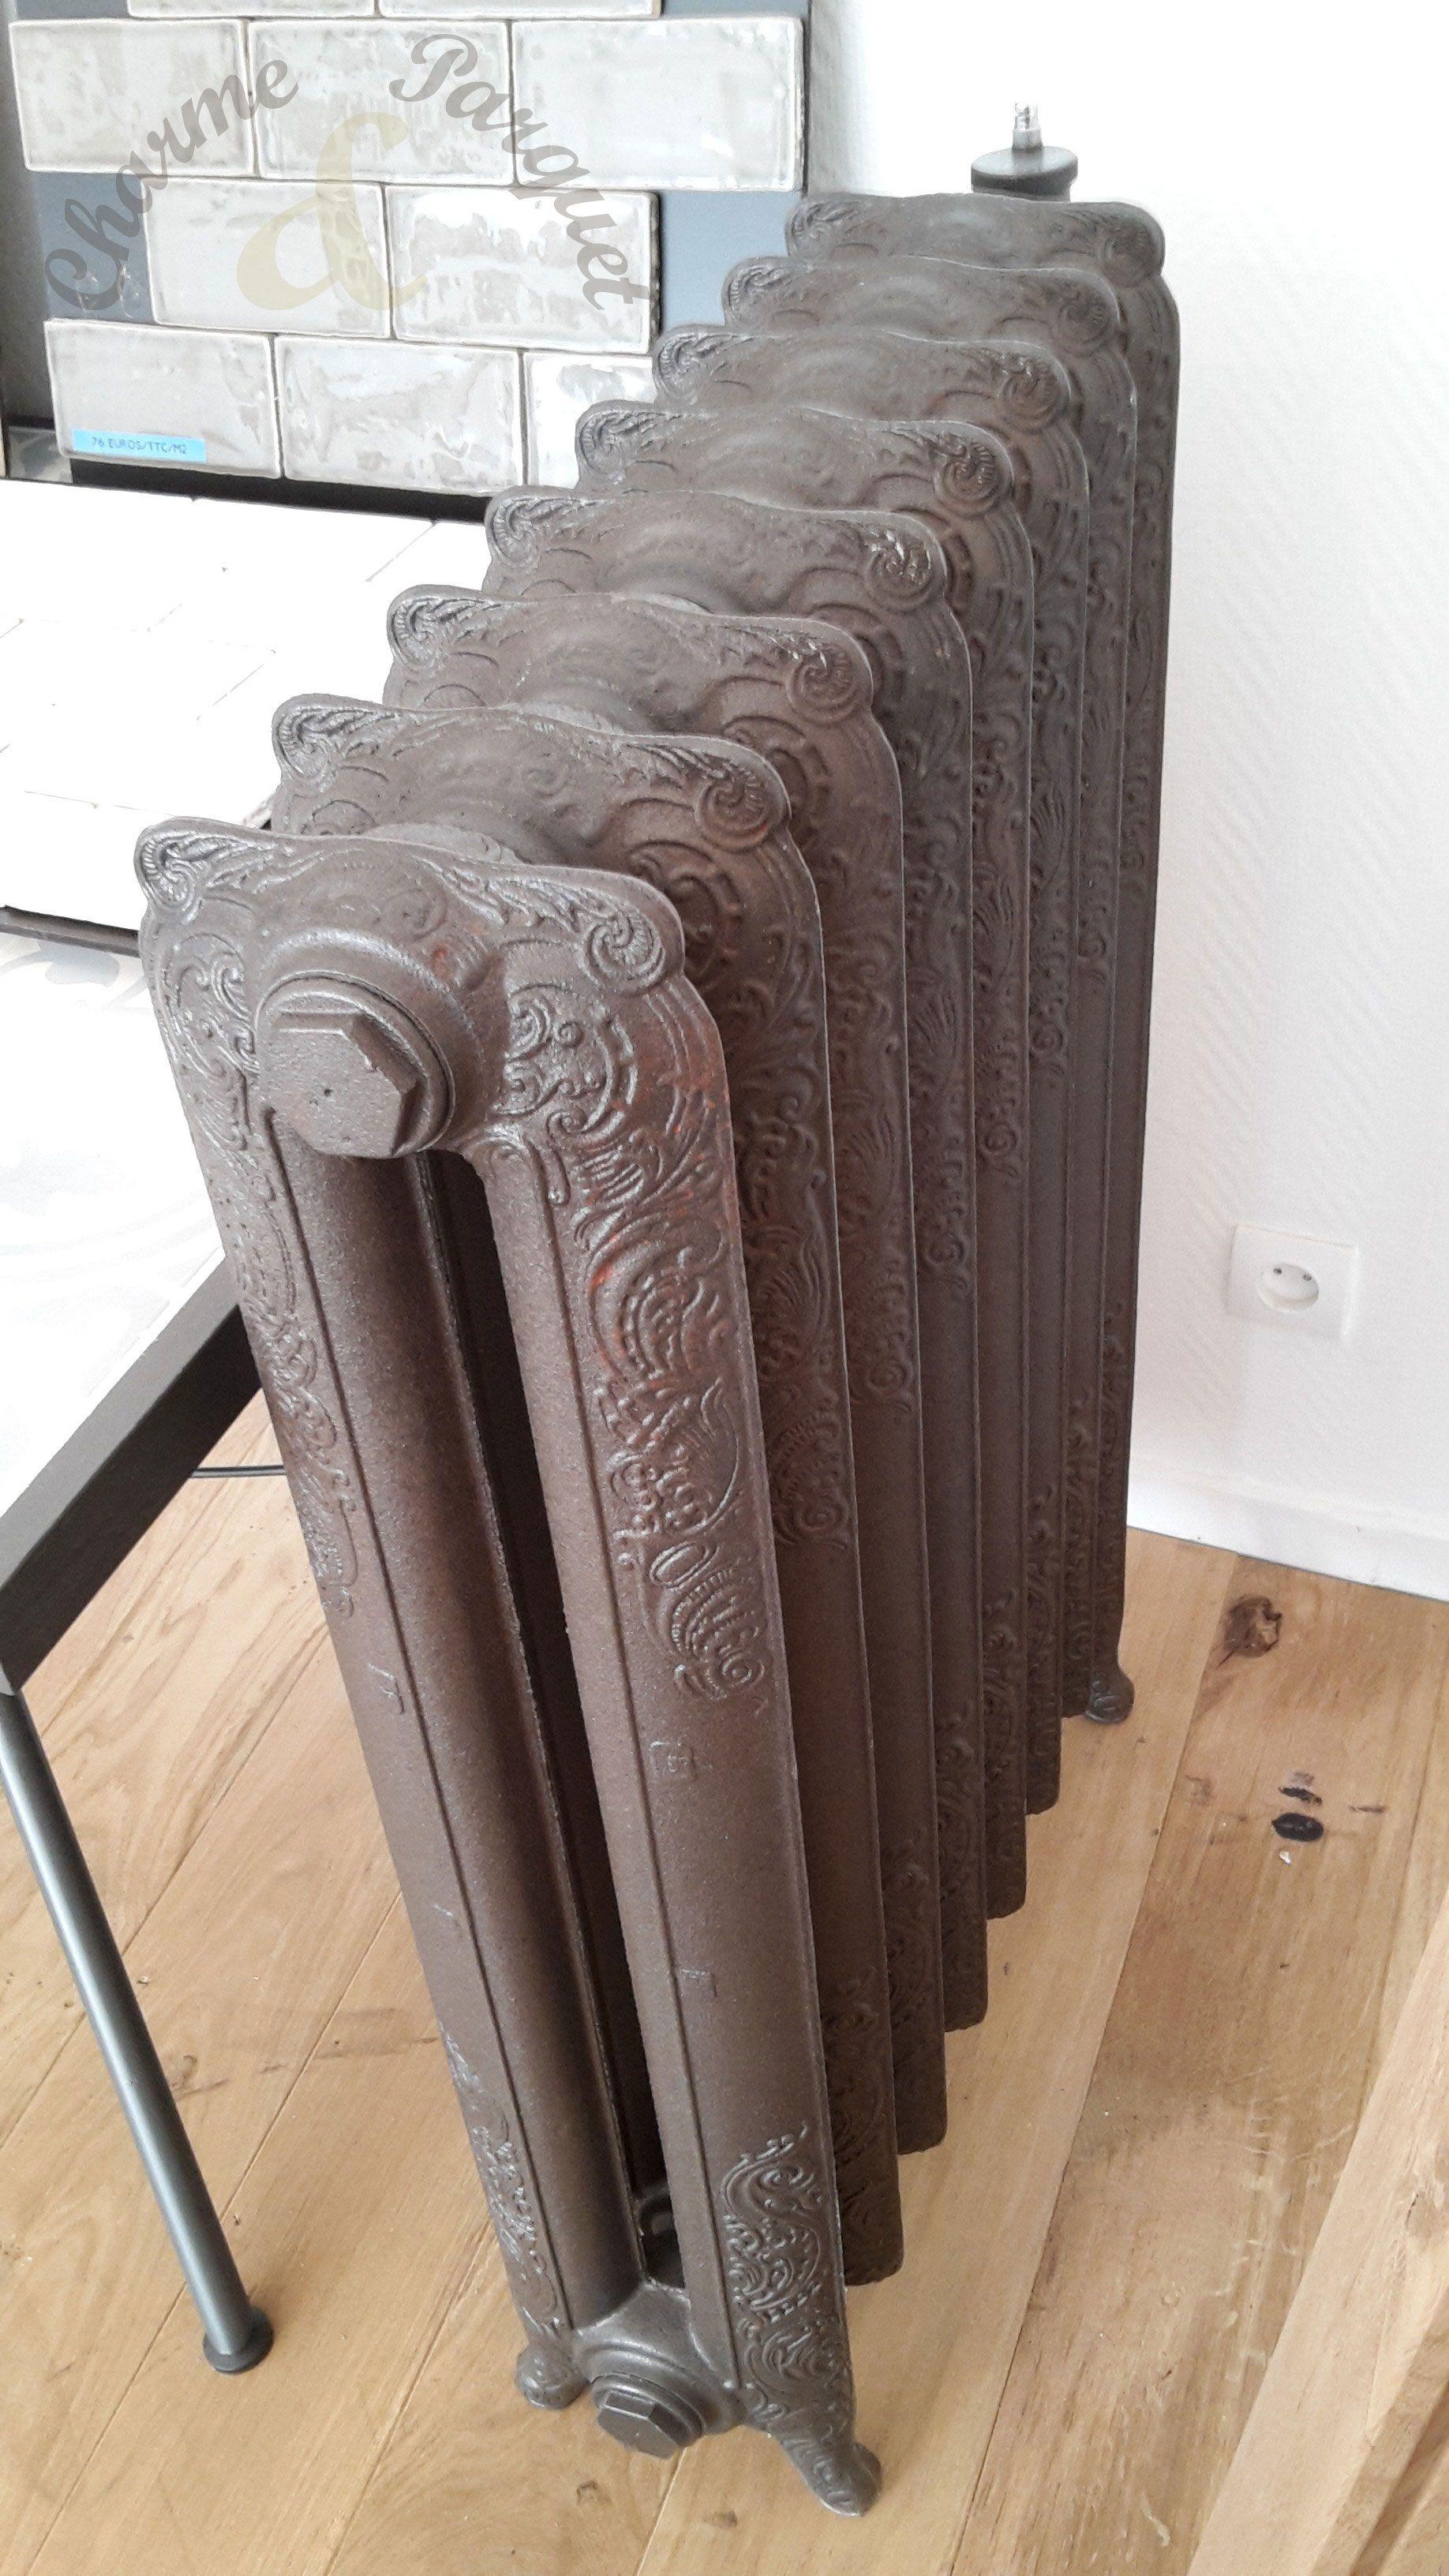 radiateur en fonte fleuri pour chauffage lectrique radiateur fonte pinterest radiateur. Black Bedroom Furniture Sets. Home Design Ideas